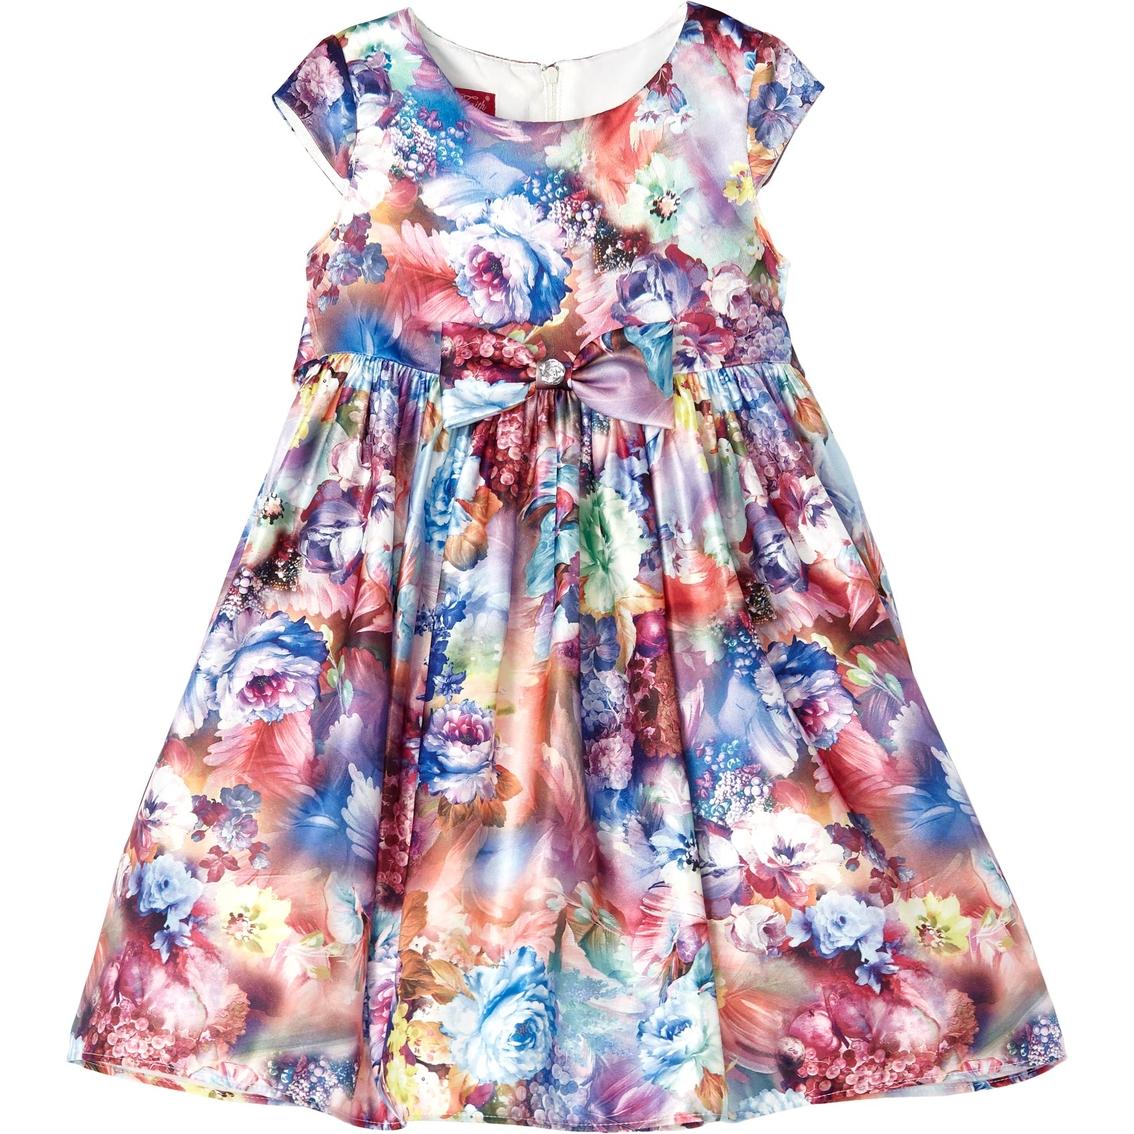 dcd25618b Princess Faith Little Girls Floral Dress With Bow Dress   Girls 4-6x ...